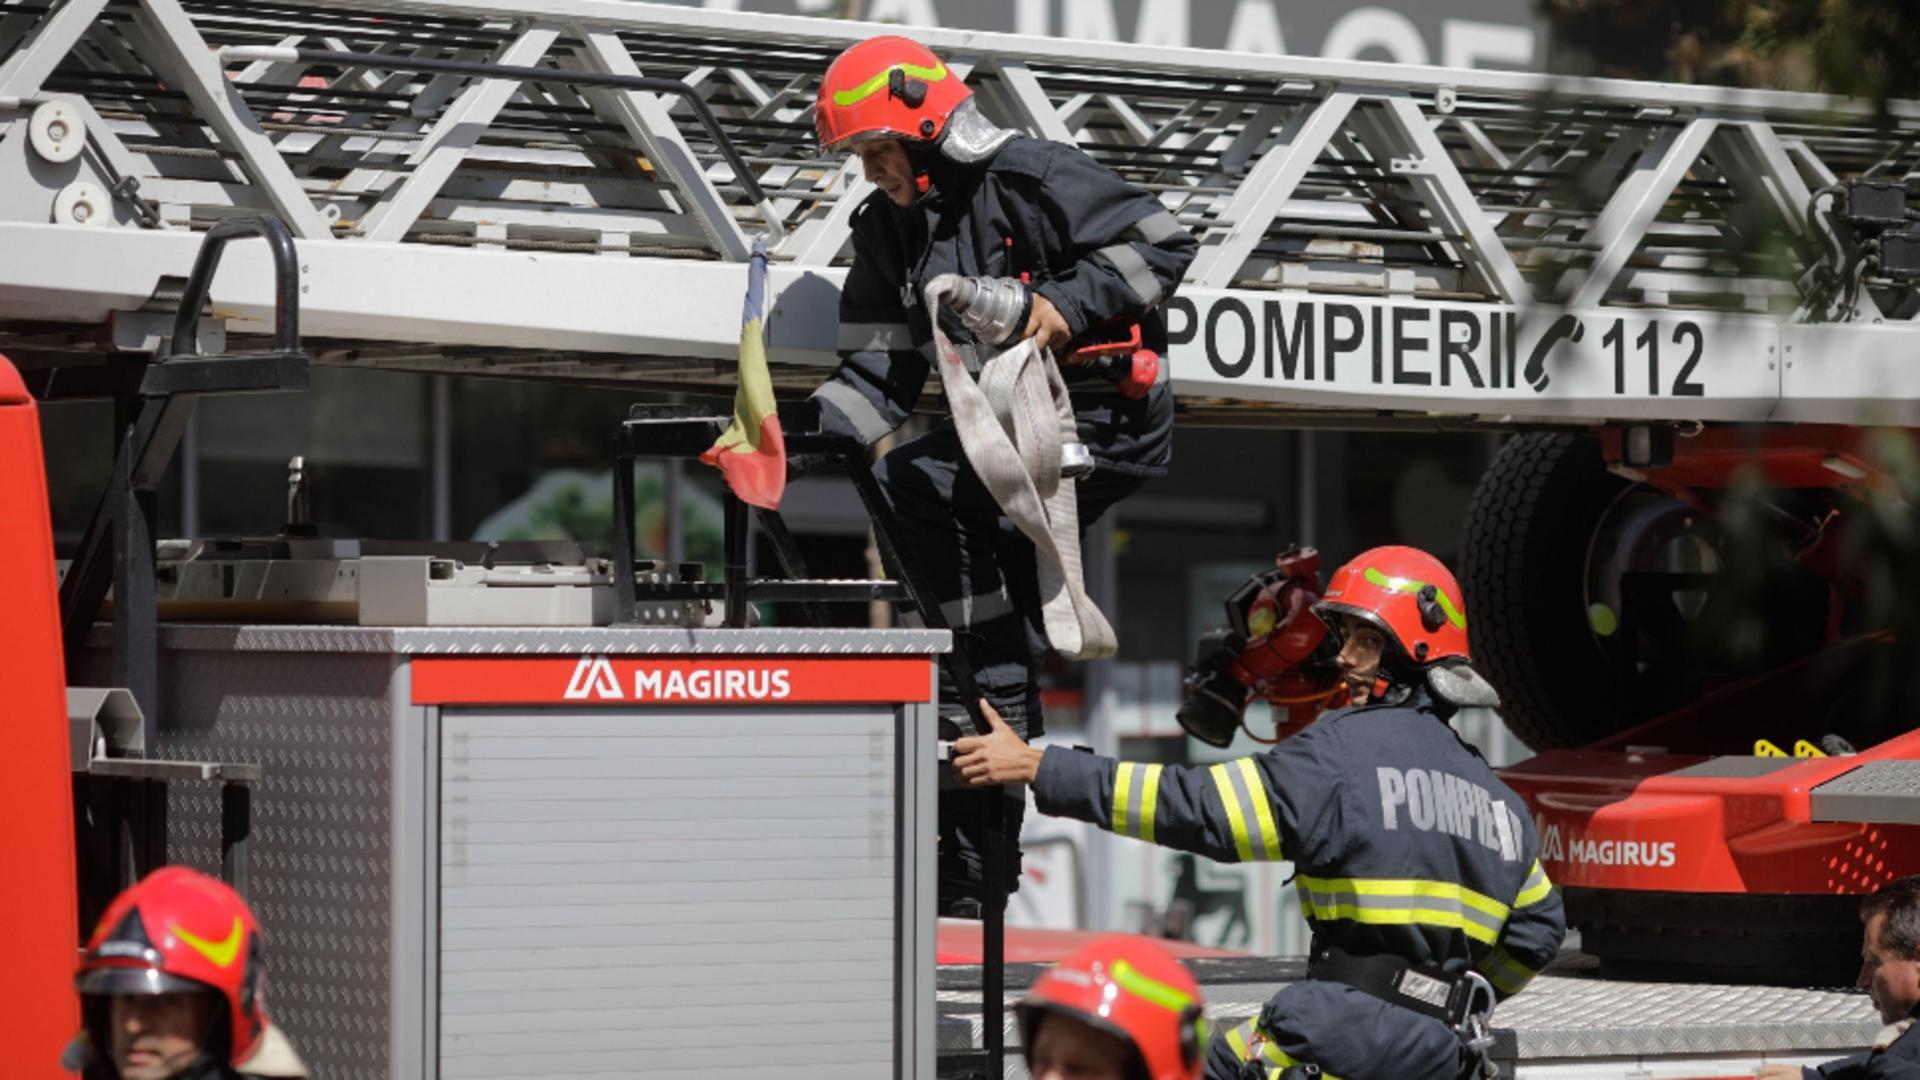 Pompierii vor verifica zilnic secțiile ATI din țară din 3 în 3 ore. FOTO: Profi Media